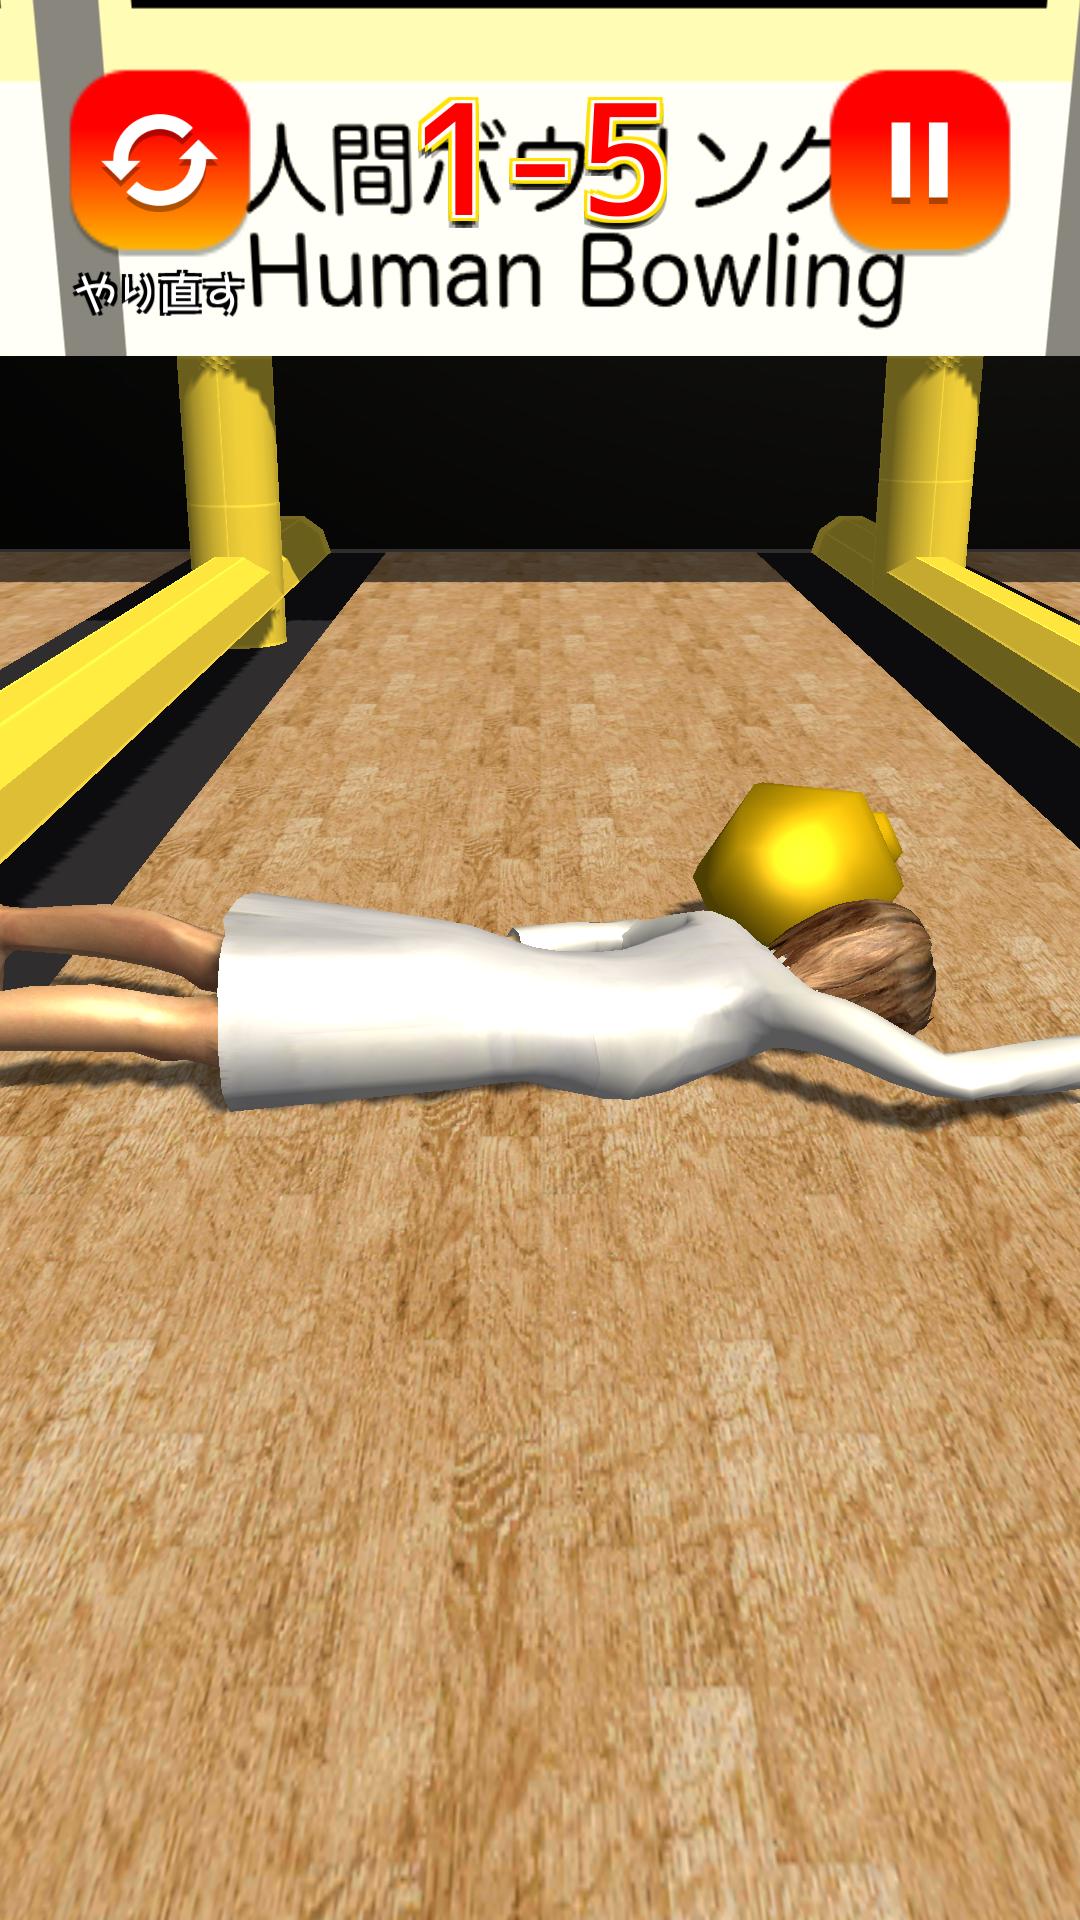 androidアプリ 人間ボウリング攻略スクリーンショット5